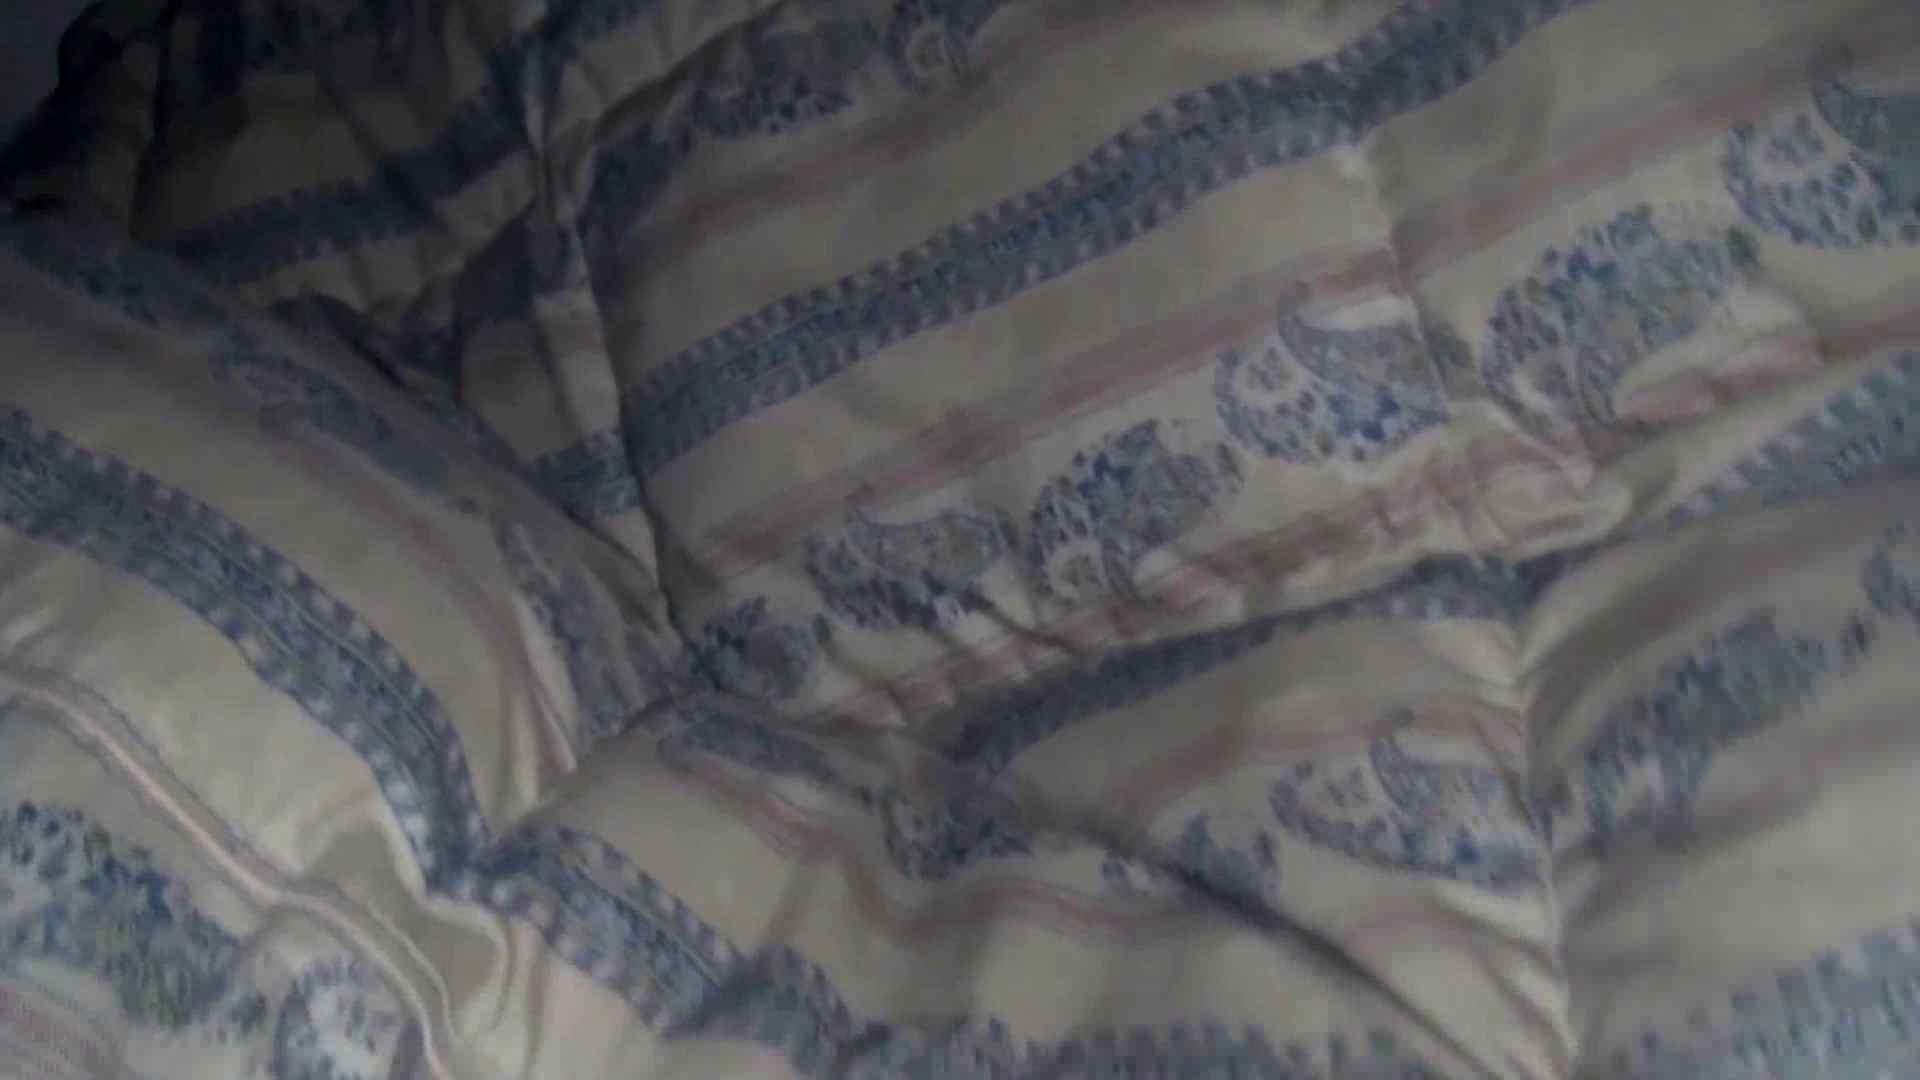 vol.34 【AIちゃん】 黒髪19歳 夏休みのプチ家出中 1回目 細身体型 ぱこり動画紹介 78枚 22